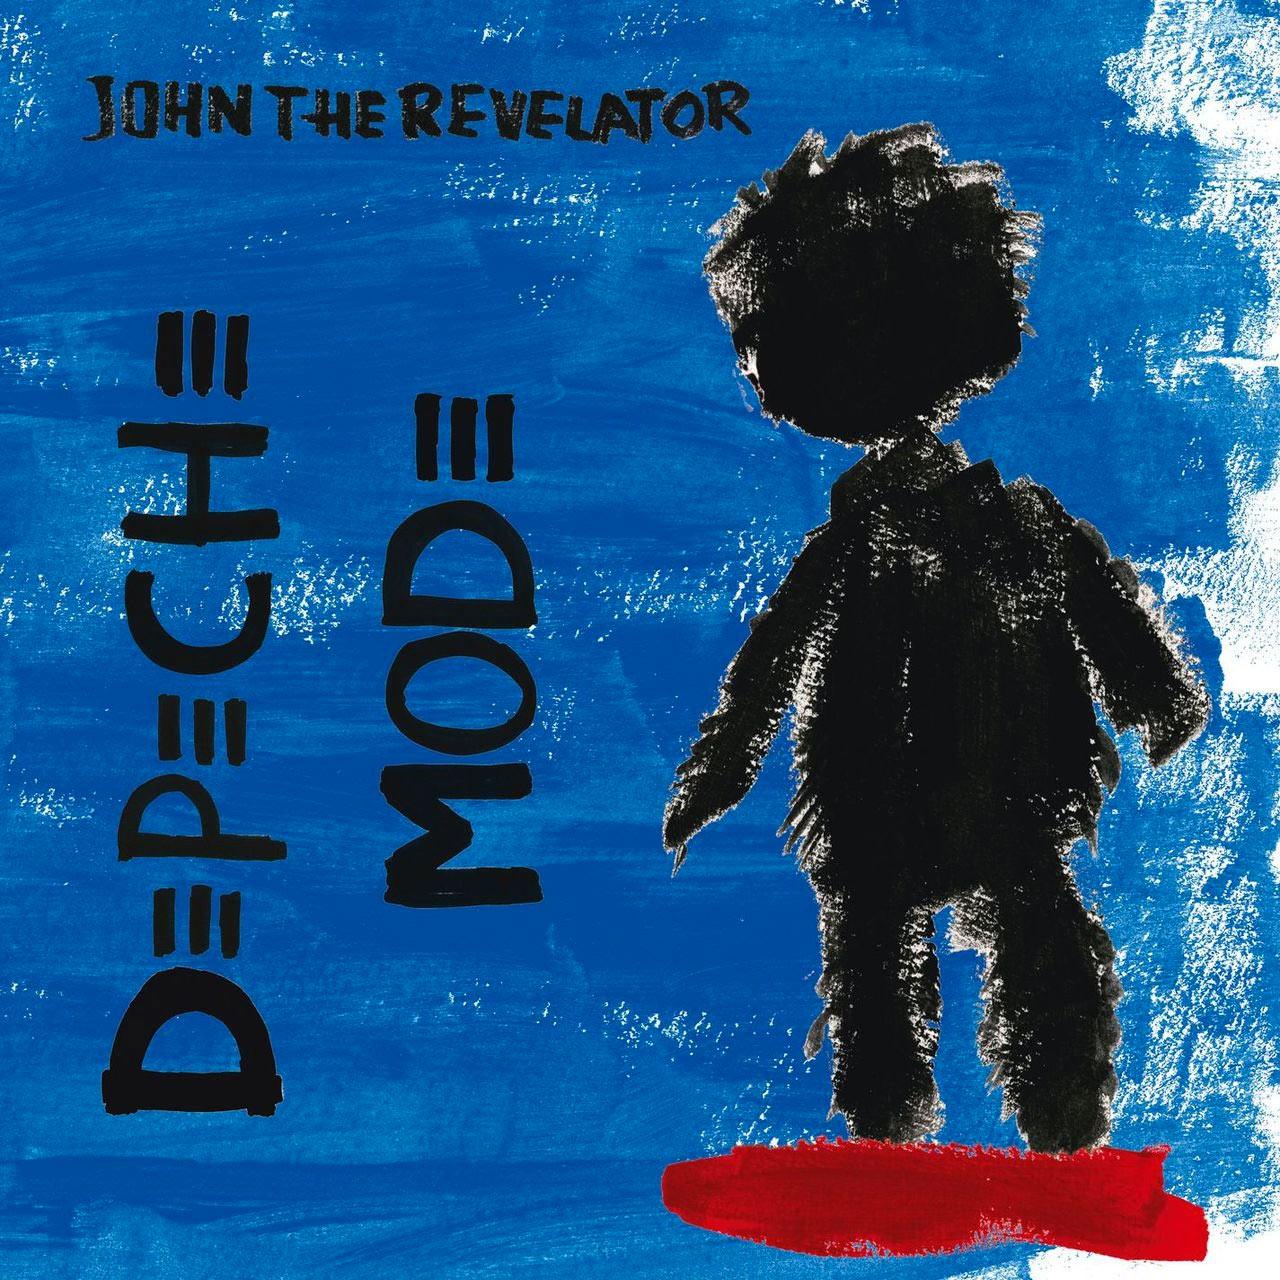 Depeche Mode: John The Revelator / Lilian